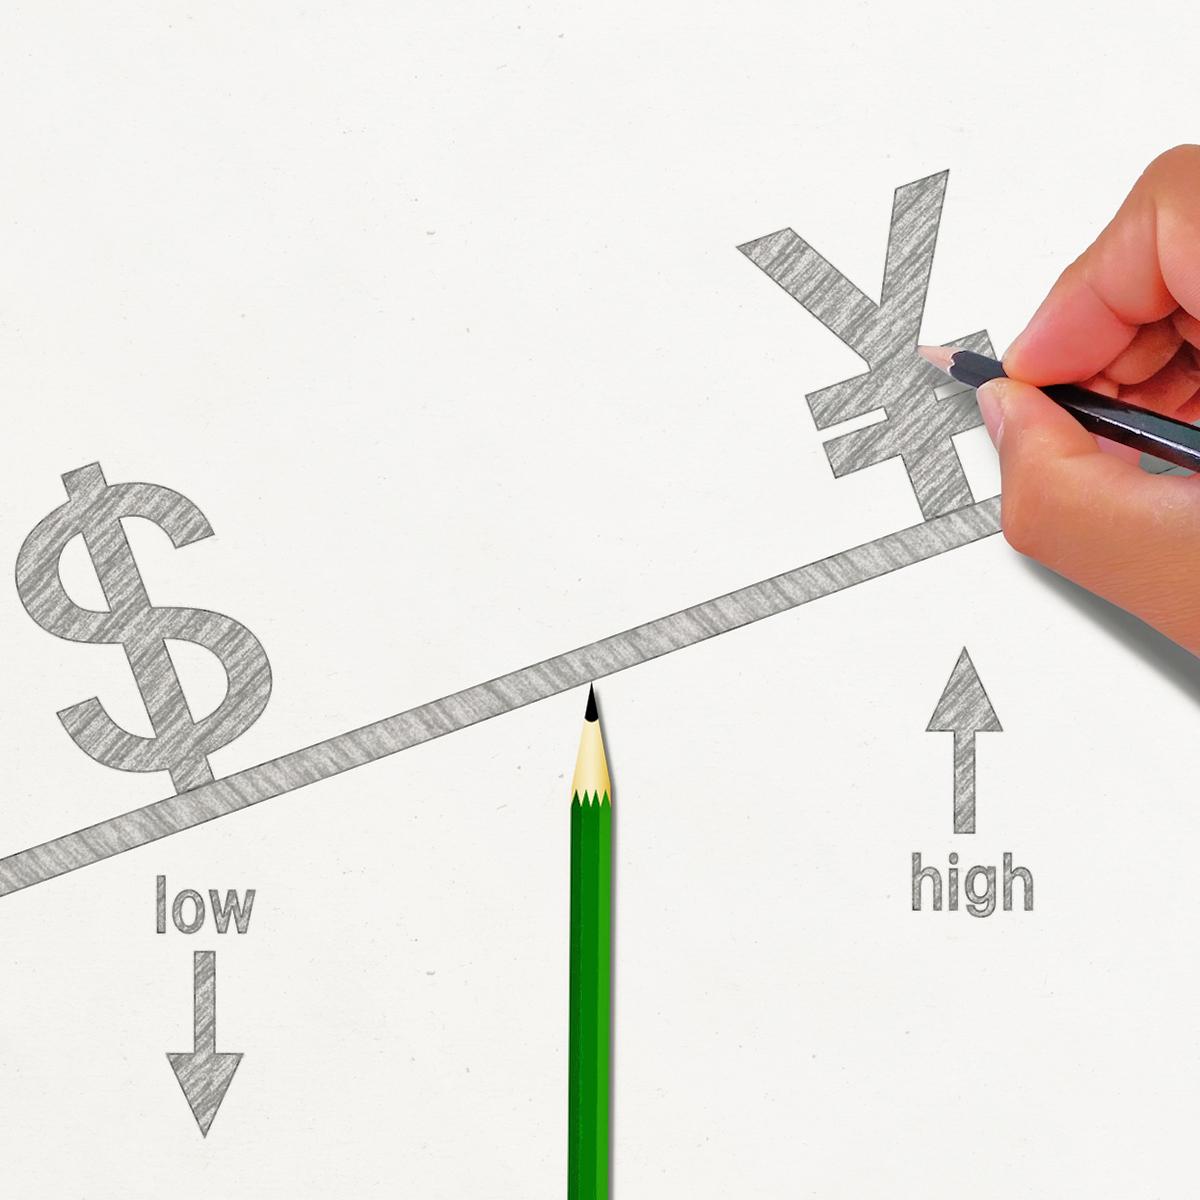 トランプ大統領のSNSで為替はどう動く!? ニュースで学ぶ為替とFXの基礎講座